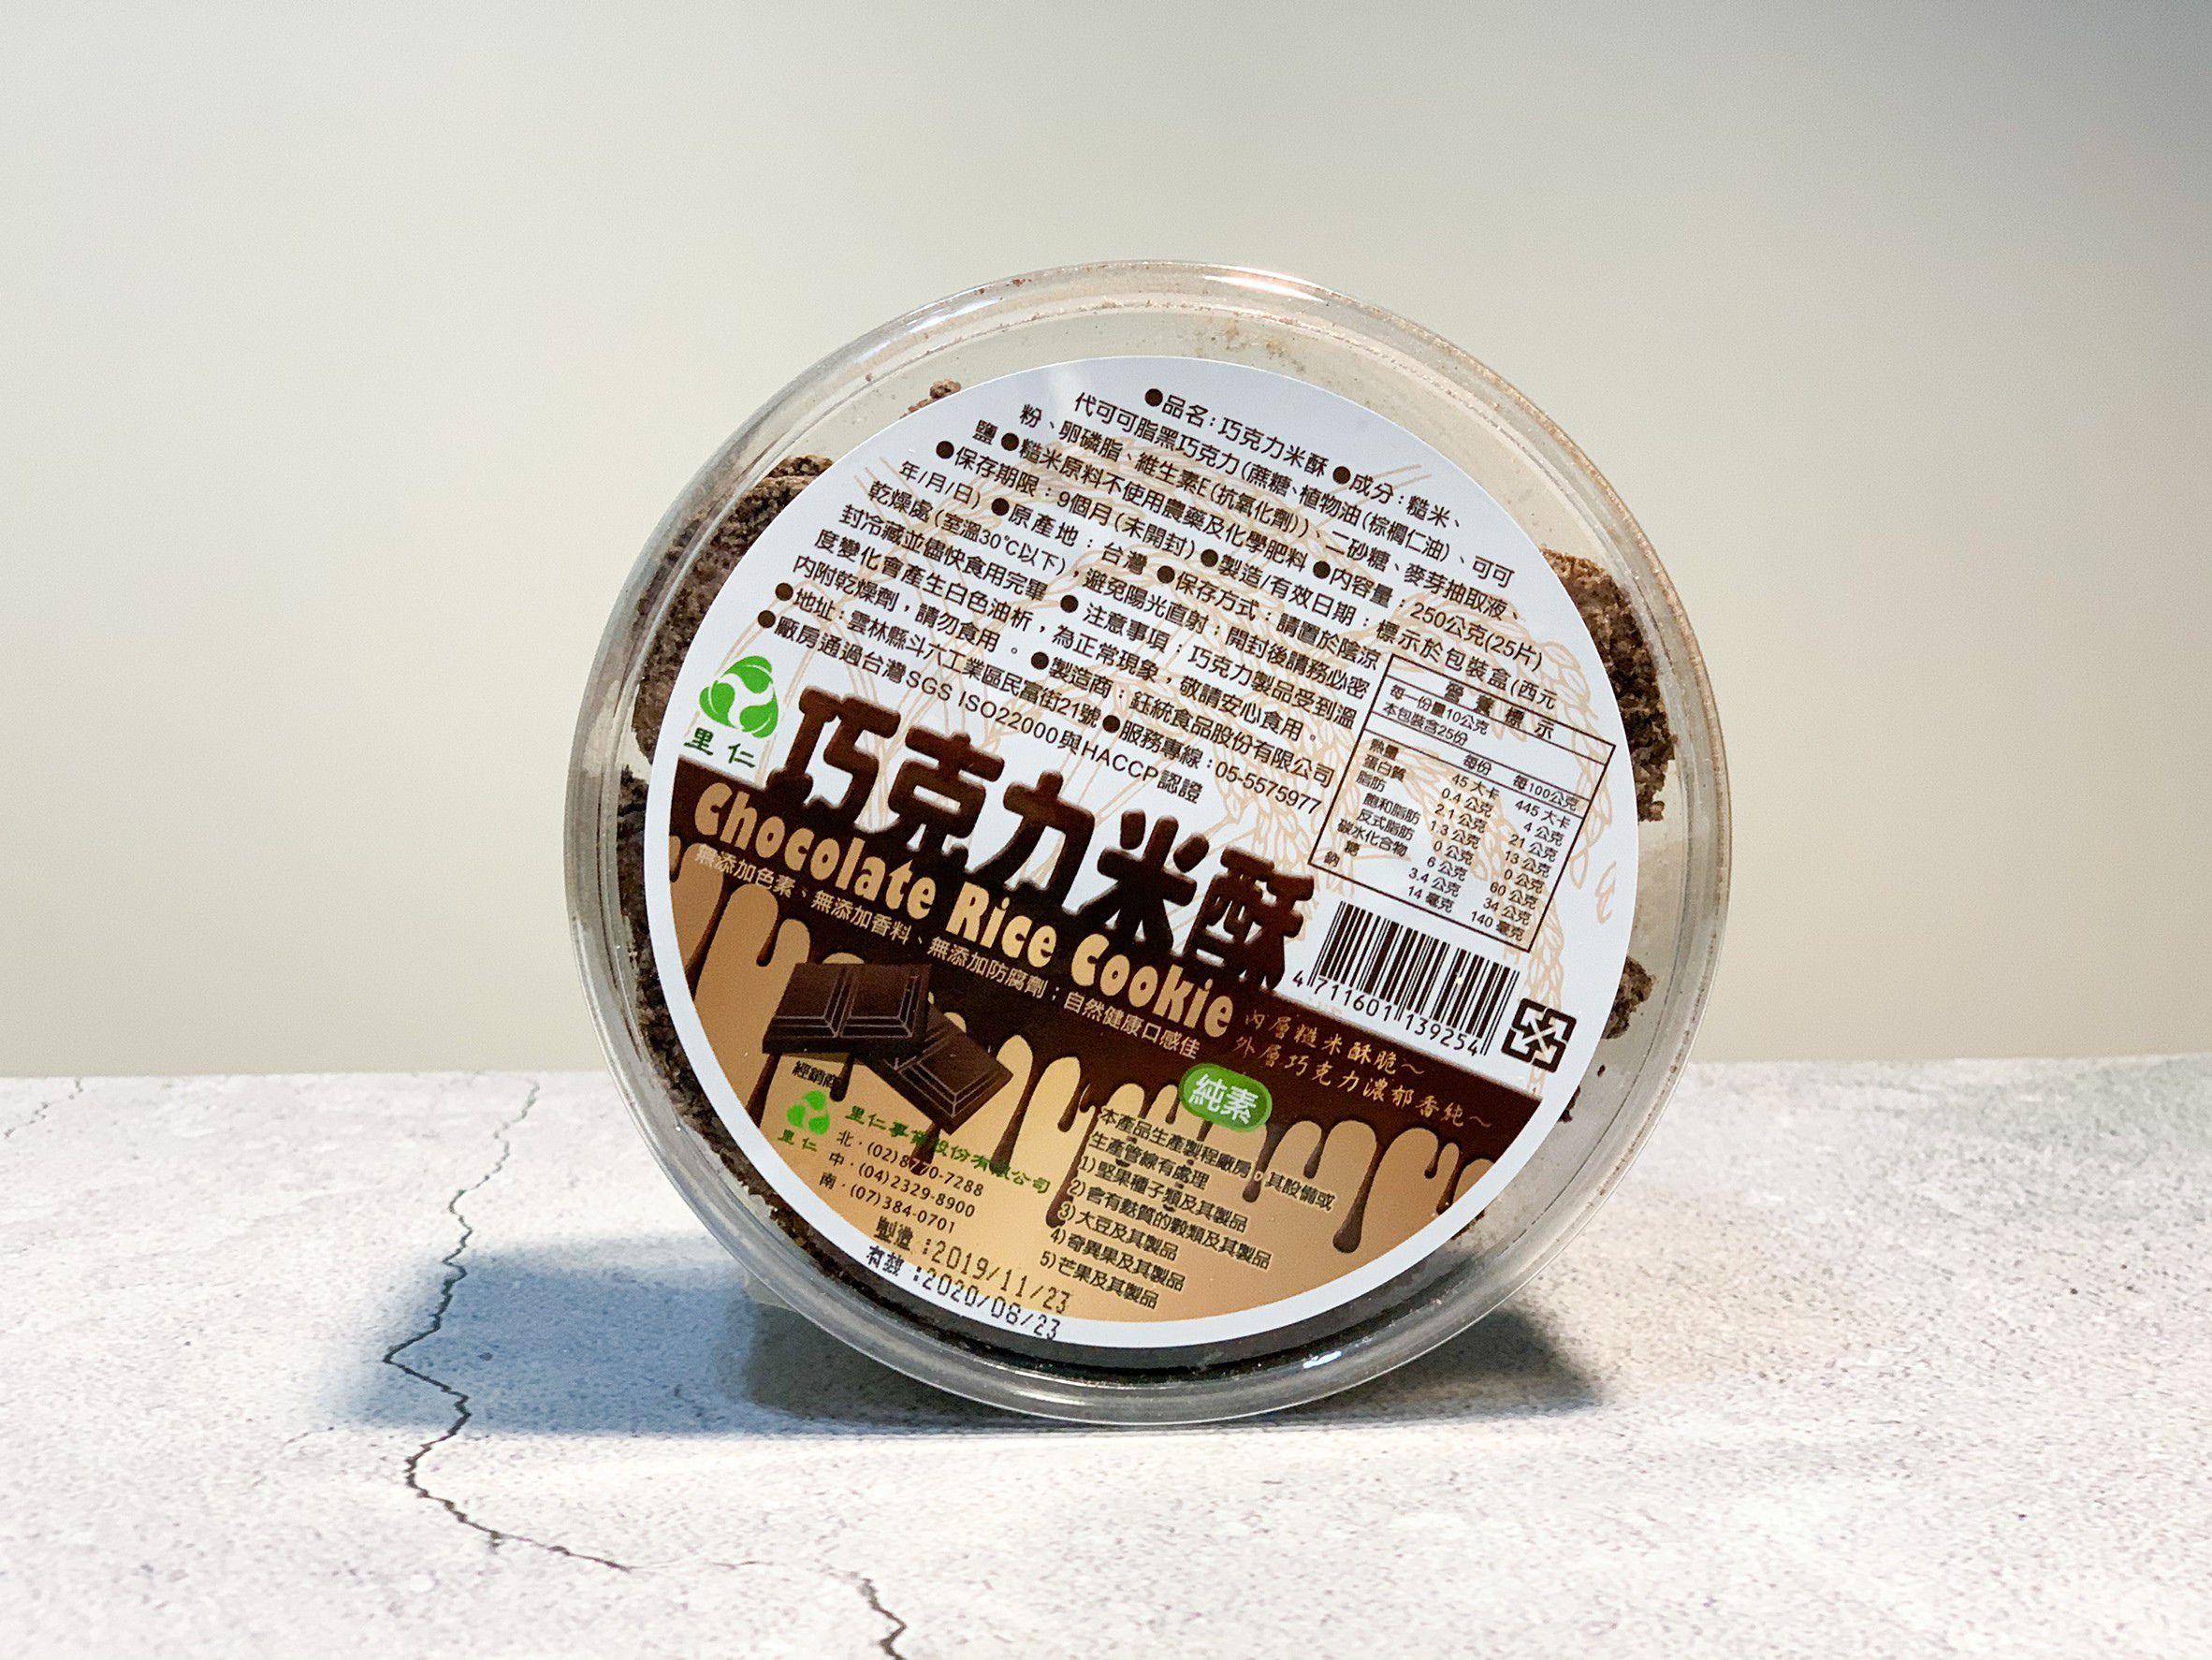 leezen 里仁│支持台灣農業,誠食每一天的好選擇【安心食材 天然無添加】有機米製品系列:銀川有機純米麵條、巧克力米酥、台灣米餅、起士糙米菓